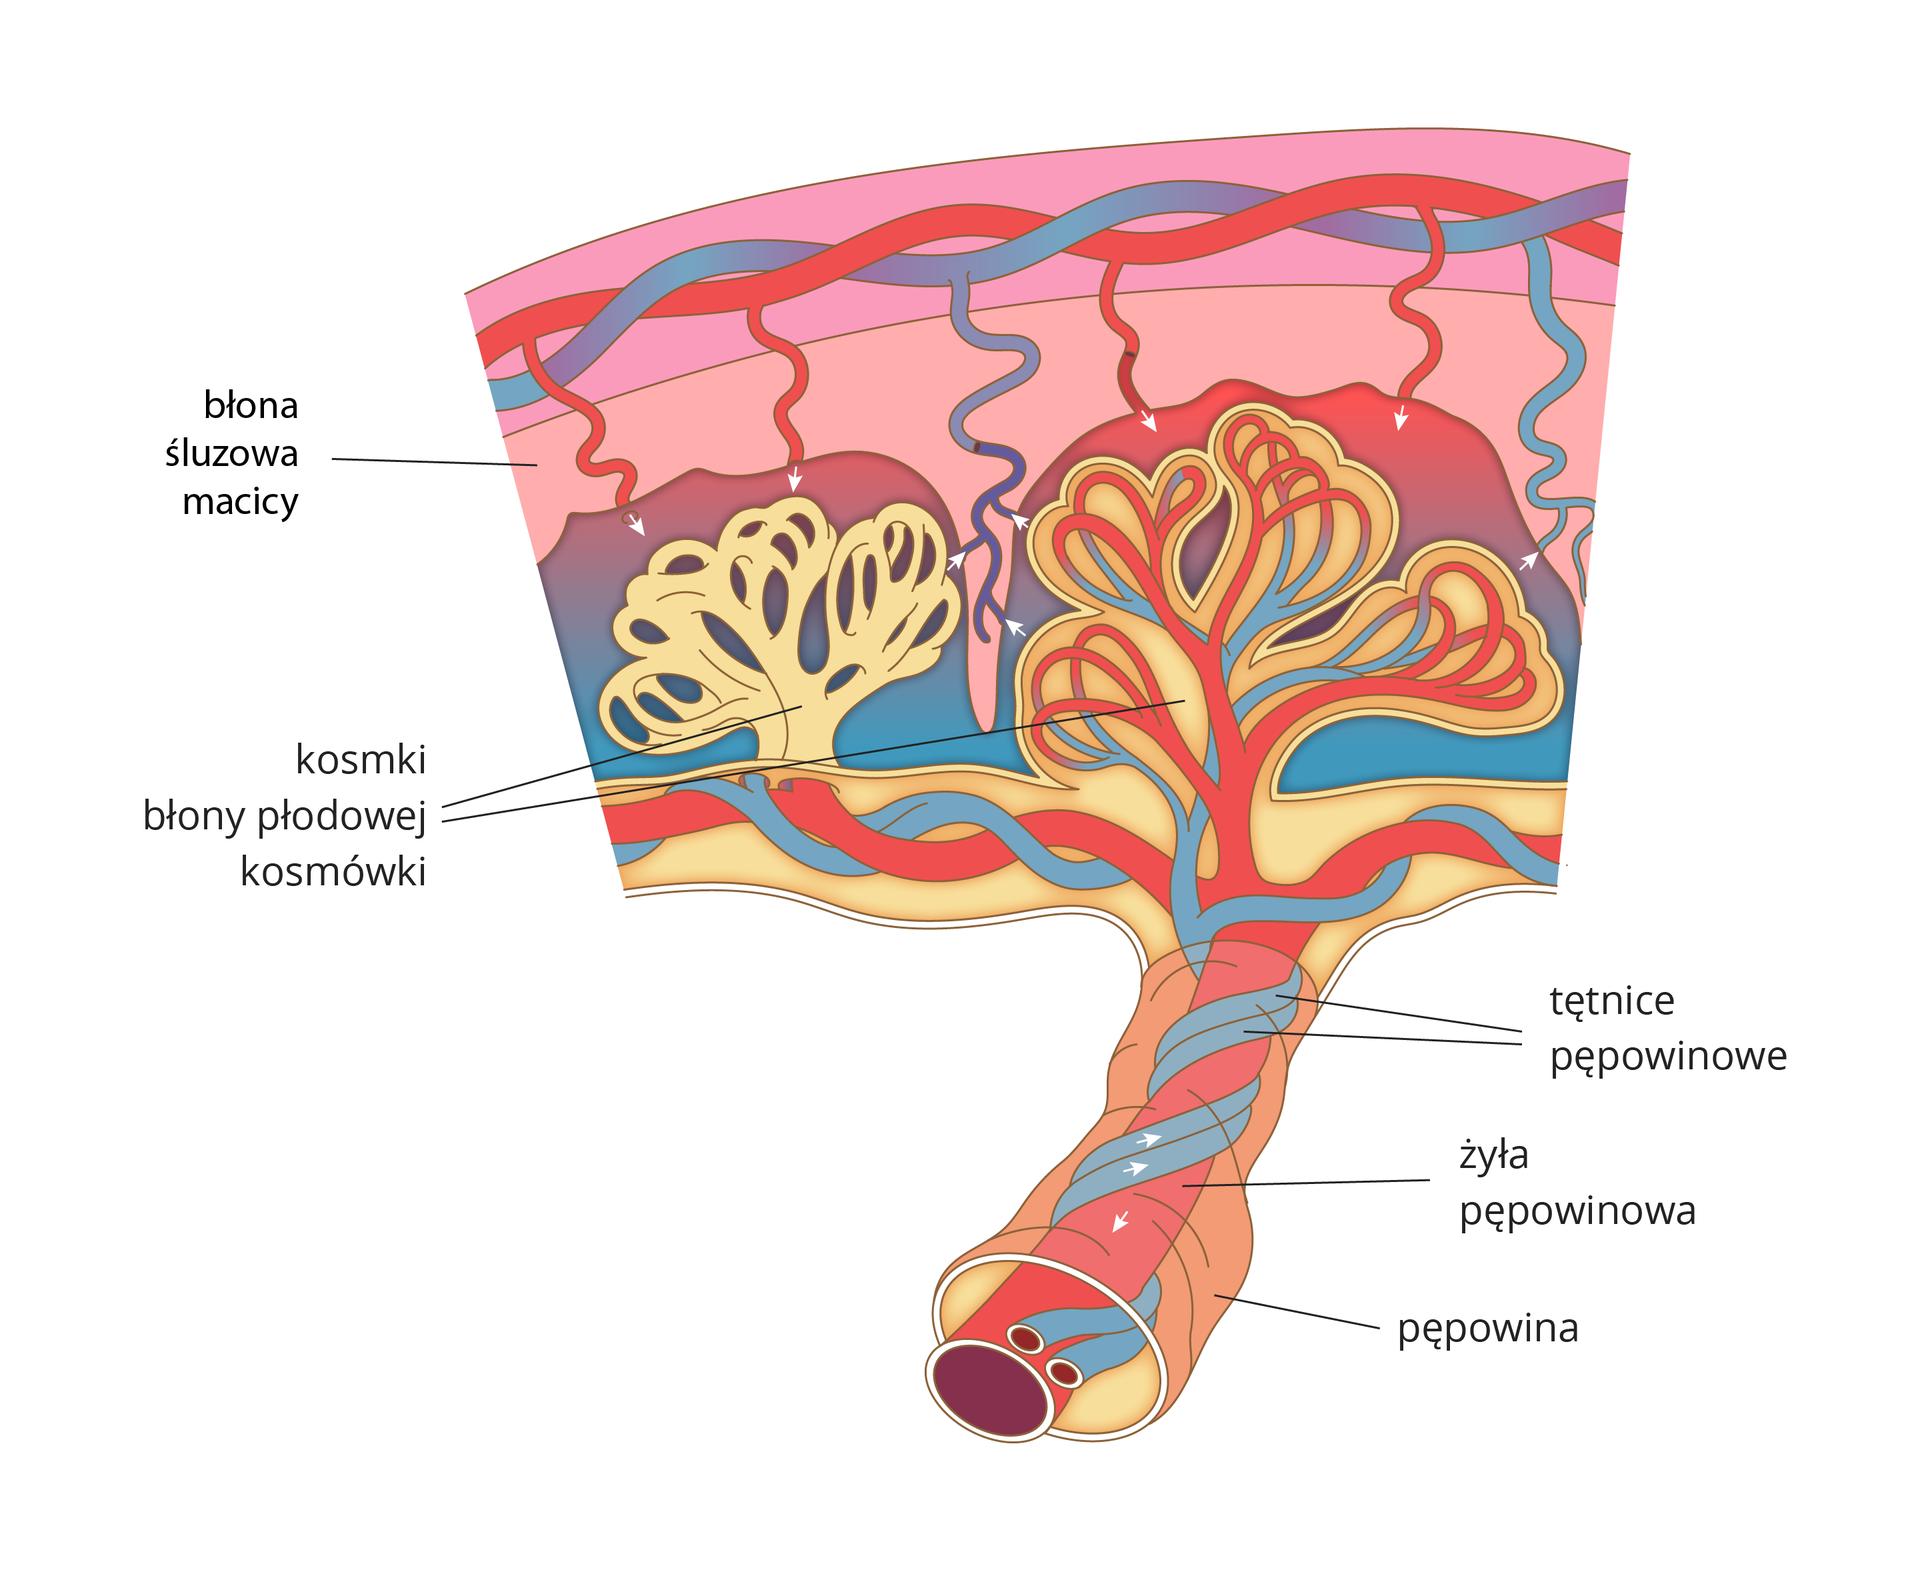 Ilustracja przedstawia budowę łożyska. Kolorem czerwonym zaznaczono żyły, kolorem niebieskim tętnice. Na górze ilustracji żyła itętnica matki na różowym tle błony śluzowej macicy. Poniżej żółte, pętelkowe wypustki – kosmki błony płodowej kosmówki. Wewnątrz nich znajdują się żyły itętnice pępowiny. Dzięki nim zachodzi wymiana pomiędzy krwią matki idziecka. Czerwona, gruba żyła pępowinowa iowinięte wokół niej niebieskie tętnice pępowinowe łączą łożysko iciało dziecka.